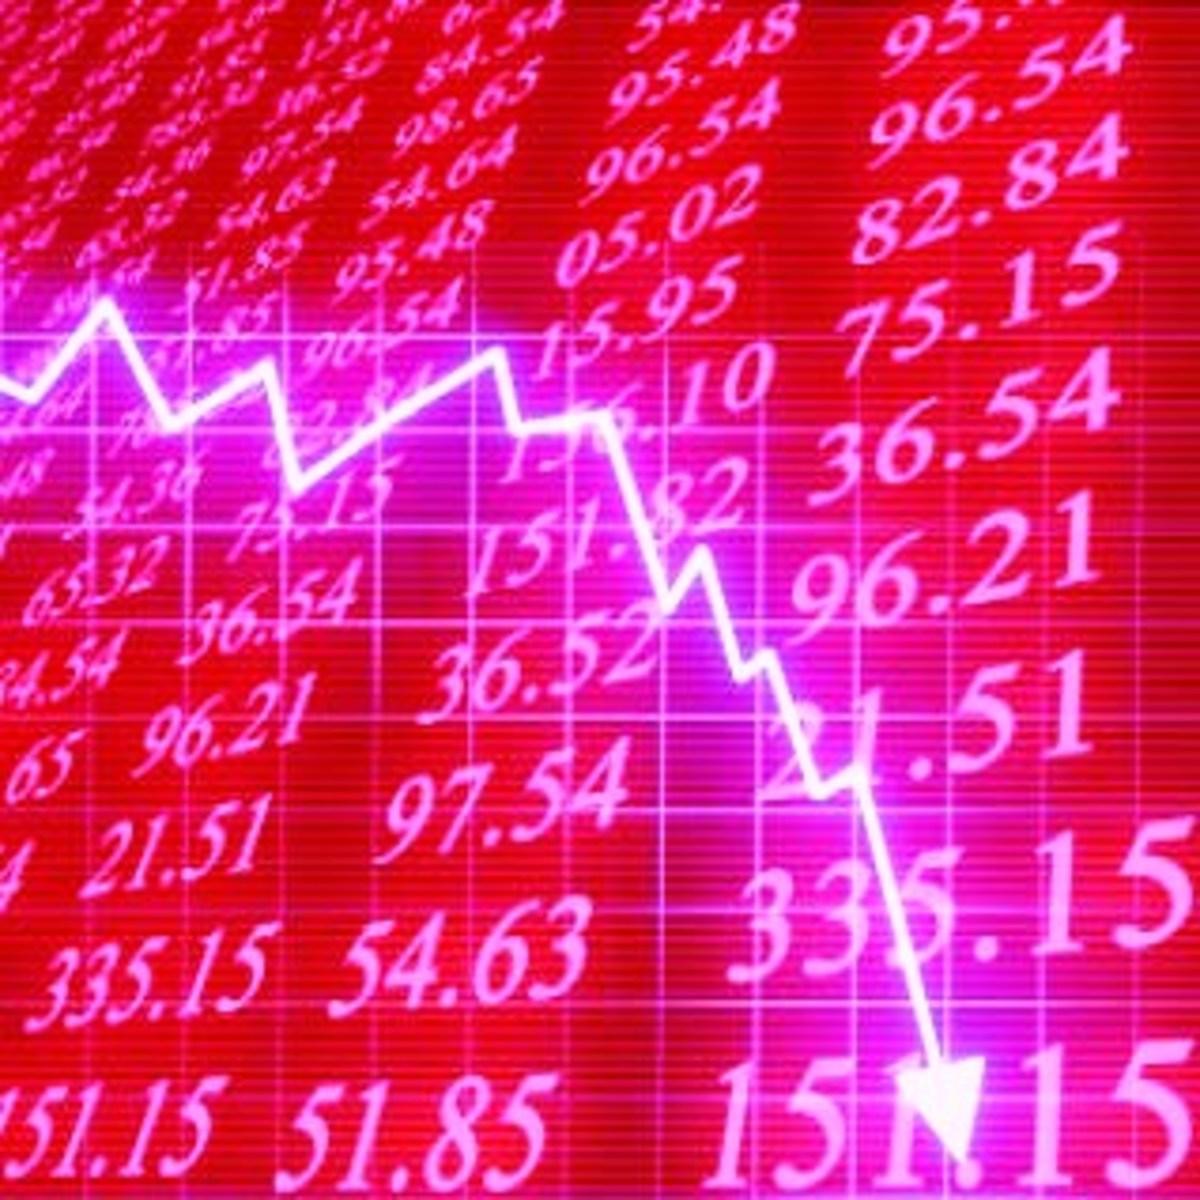 Οι εξελίξεις στην ευρωζώνη παρέσυραν και το ελληνικό χρηματιστήριο   Newsit.gr